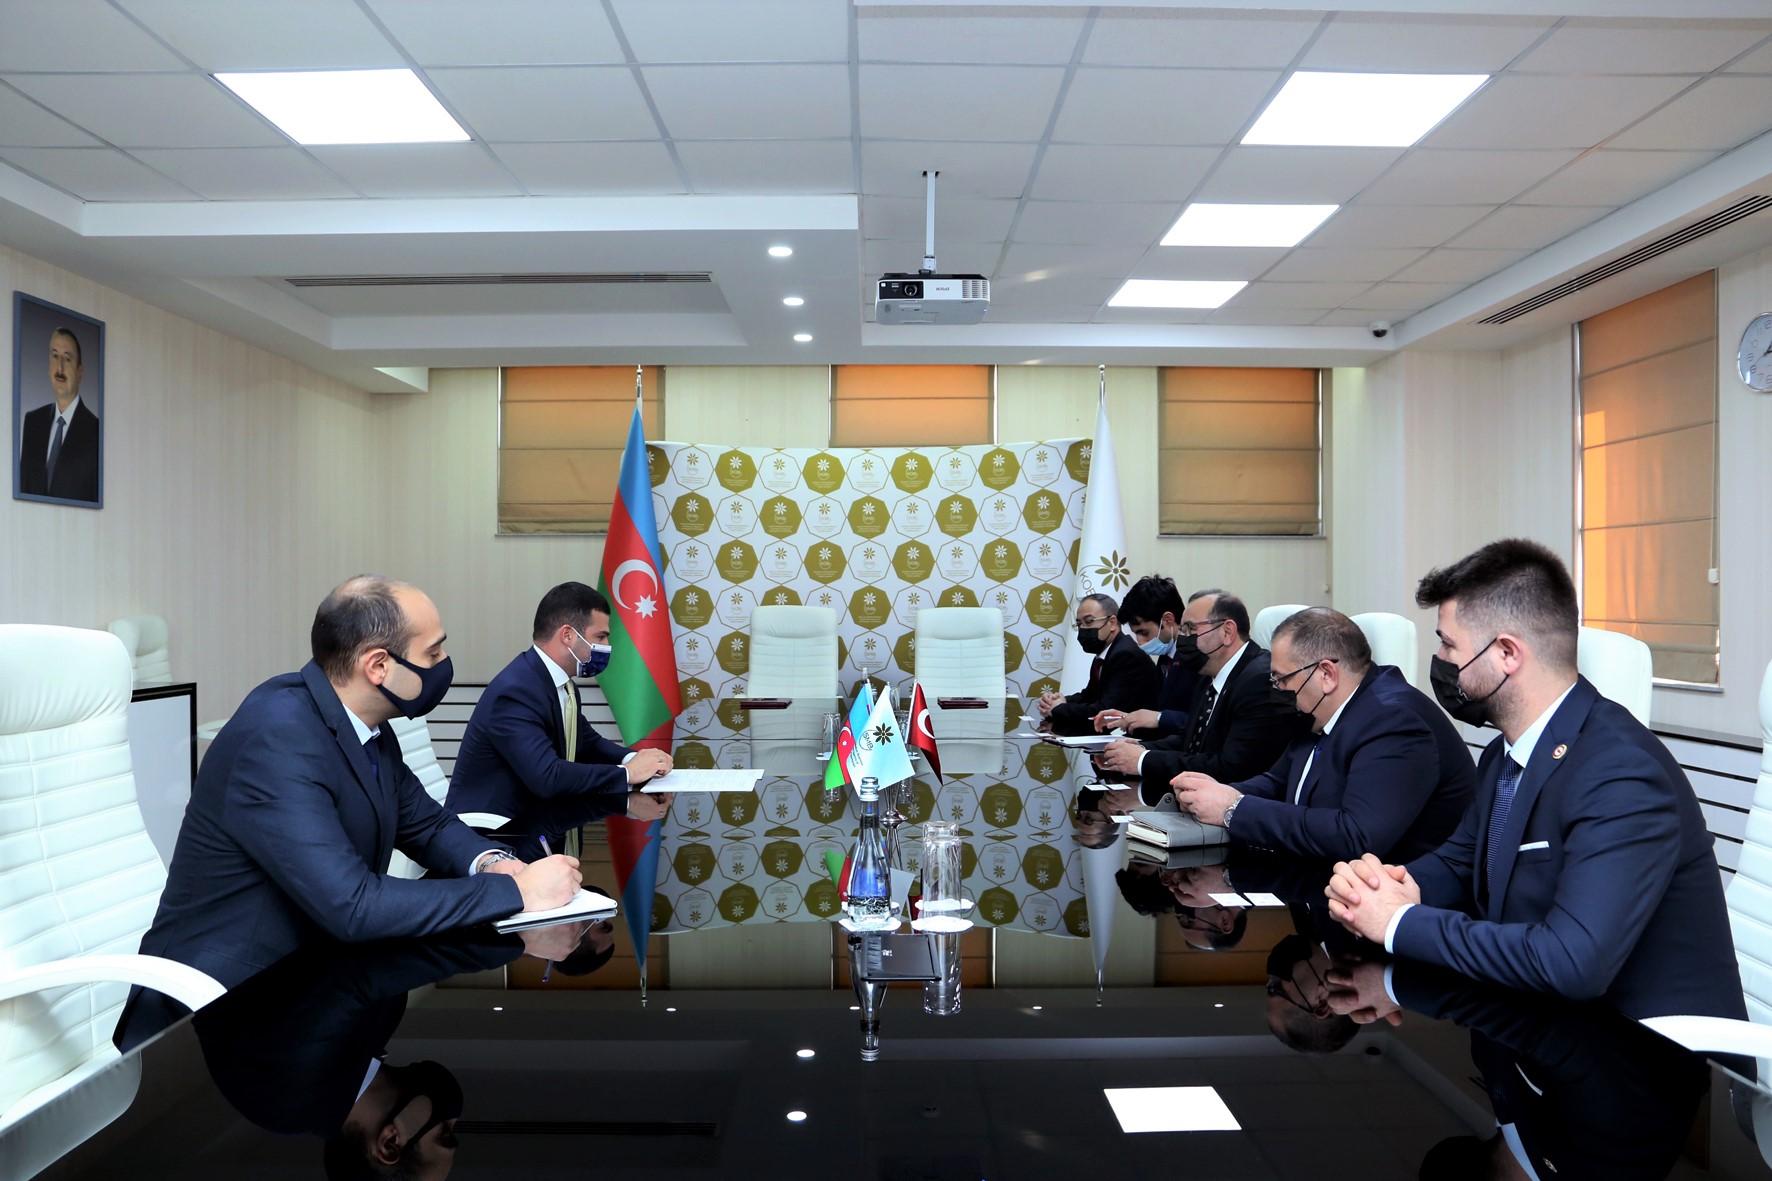 KOBİA və TÜMKİAD arasında anlaşma memorandumu imzalanıb